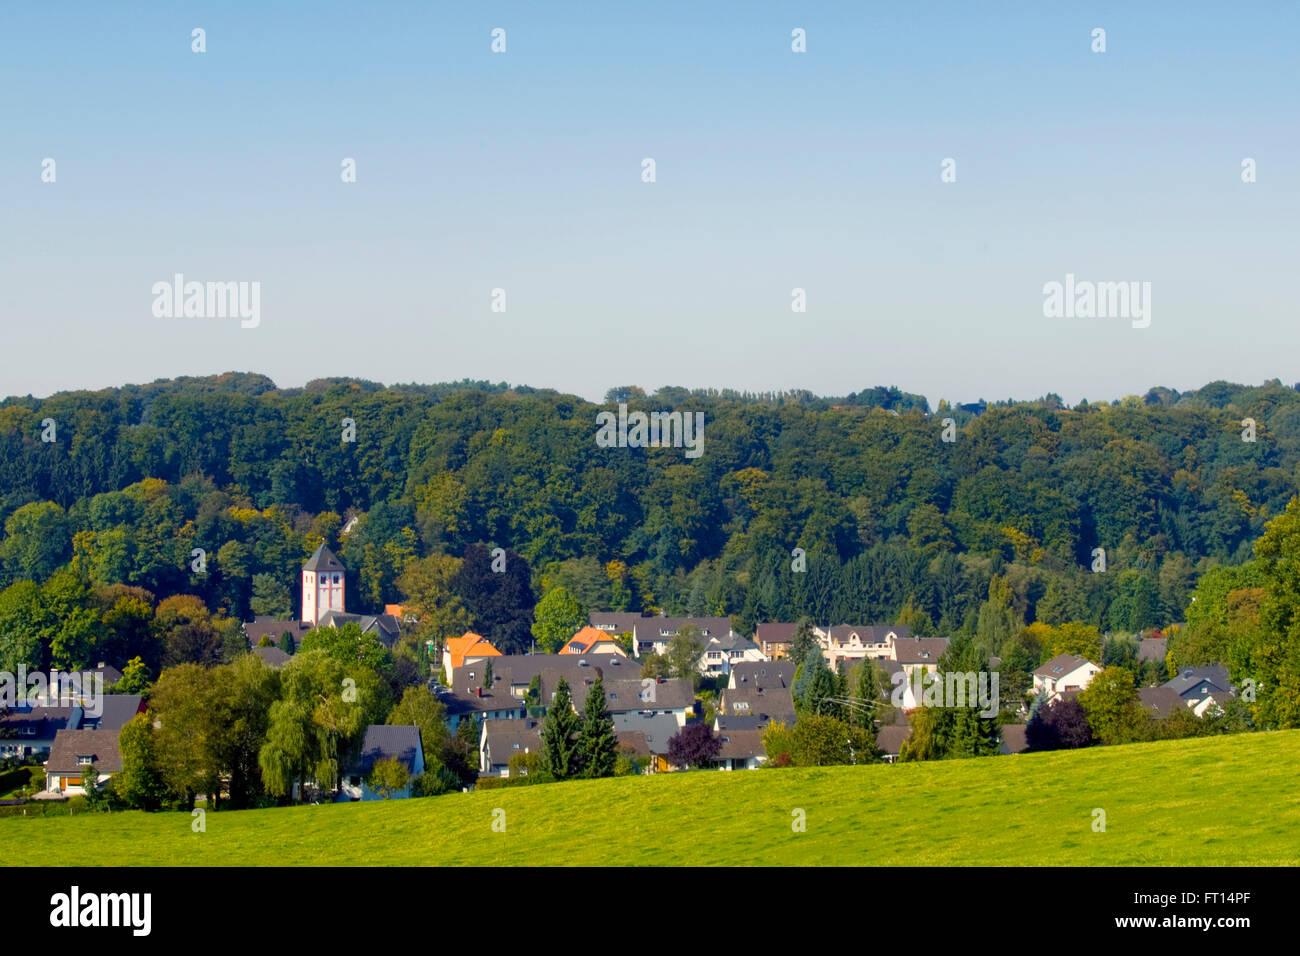 BRD, Nordrhein-Westfalen, Rheinisch-Bergischer Kreis, Odenthal - Stock Image